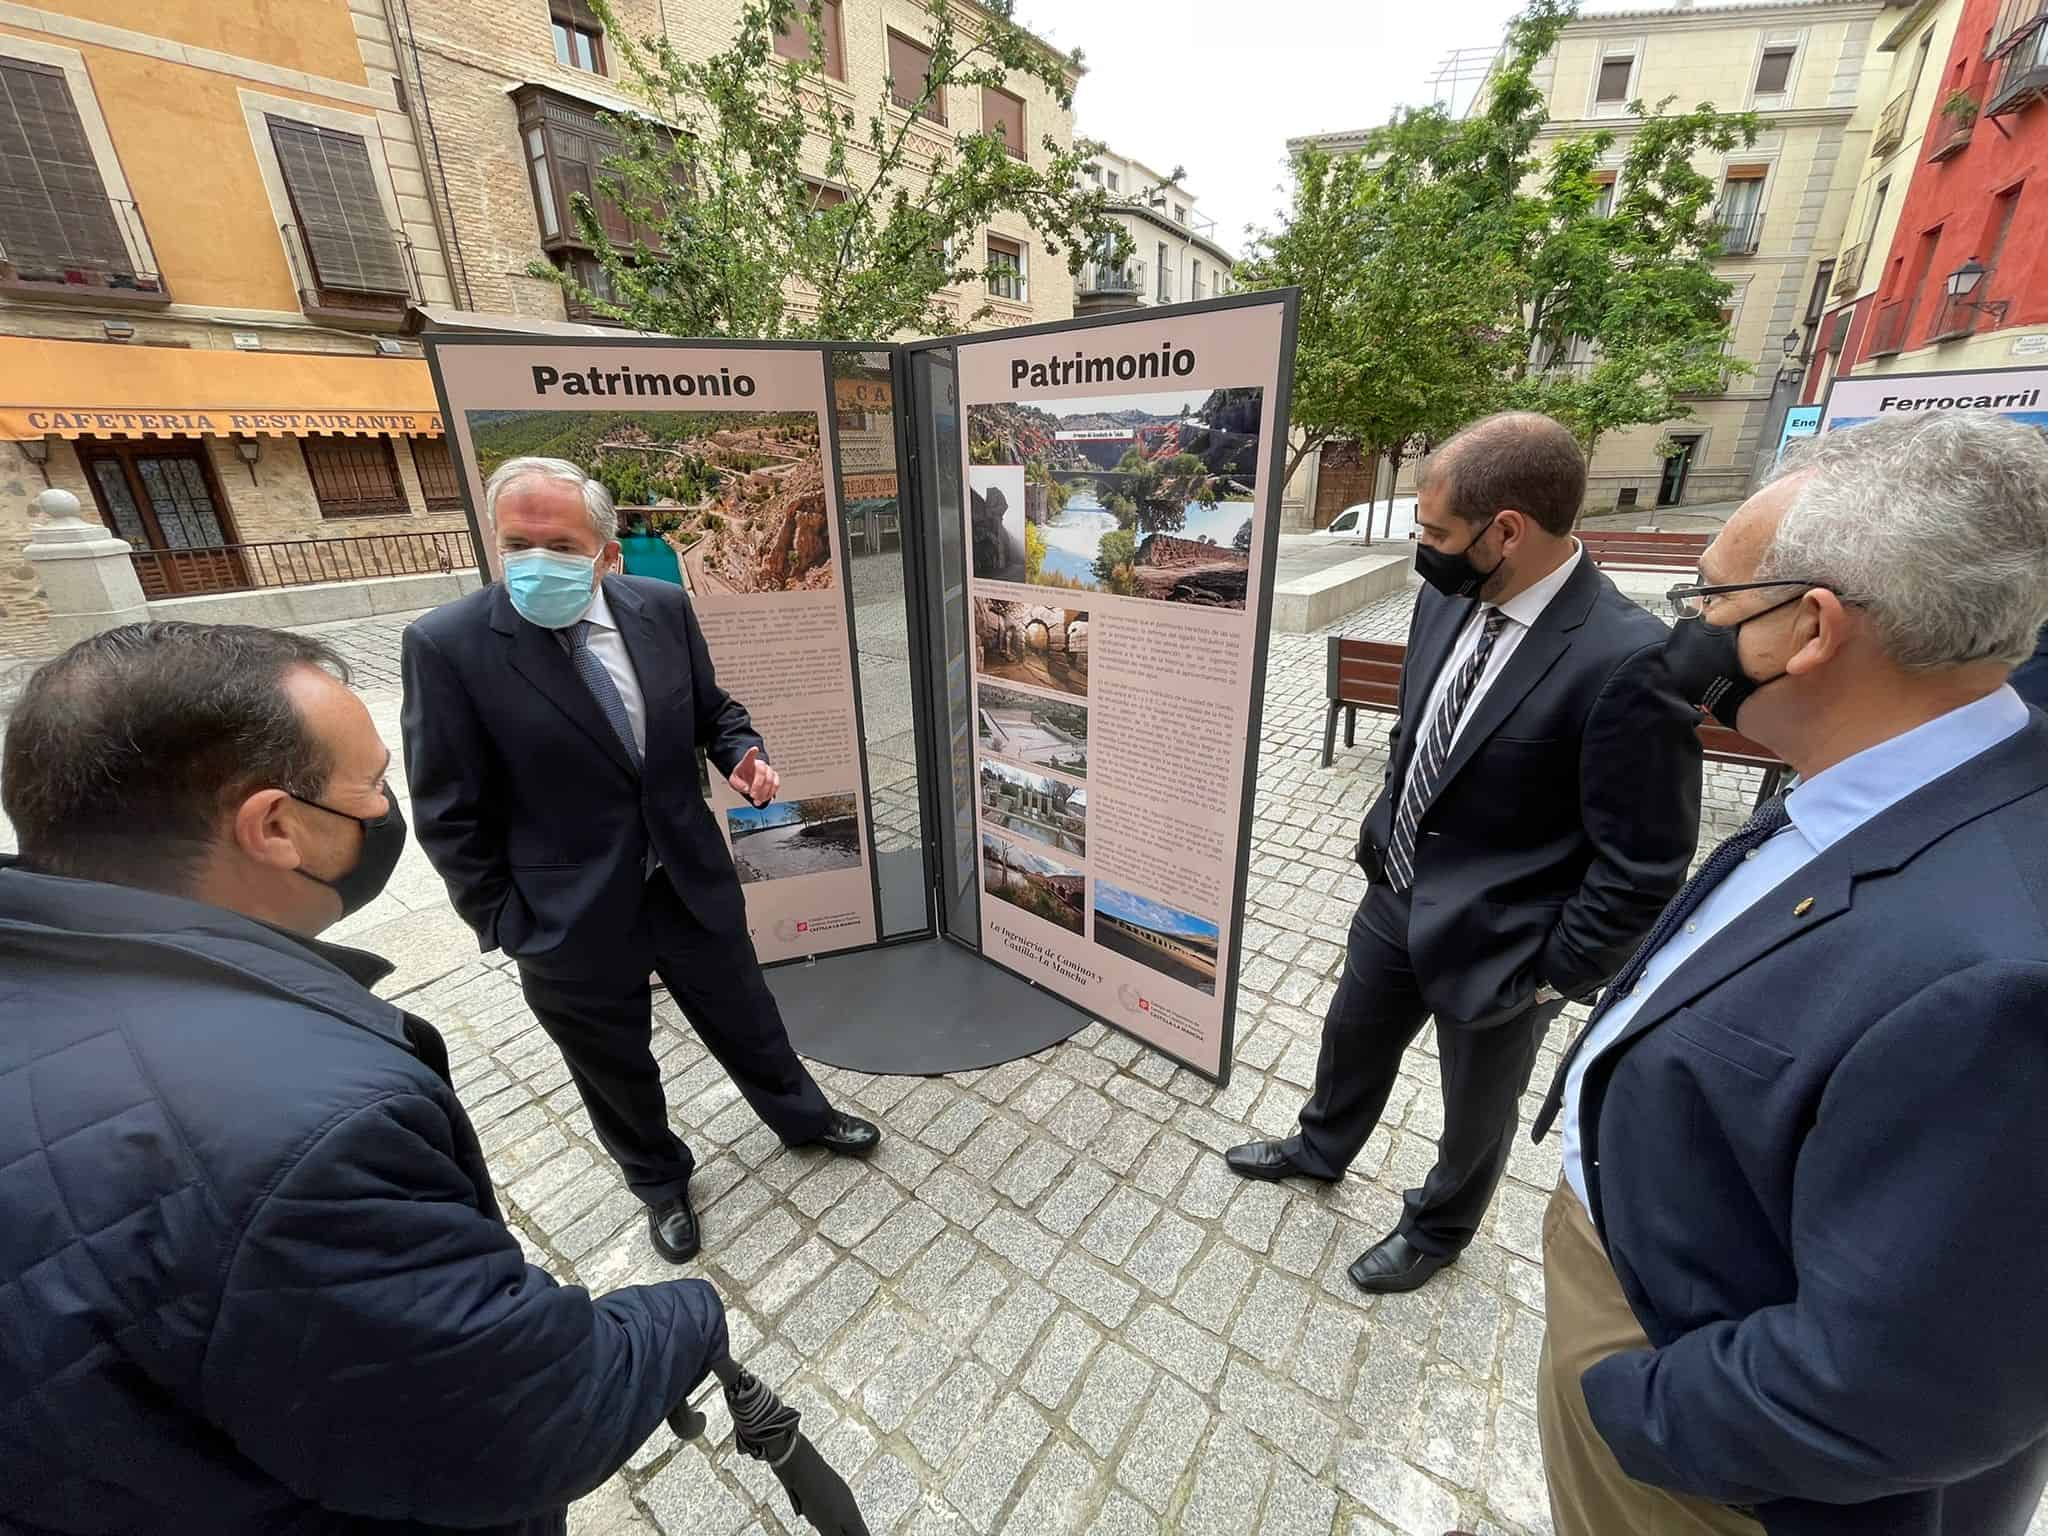 El Colegio de Ingenieros de Caminos inaugura en Toledo una exposición que recorre la aportación de la ingeniería a la sociedad castellano-manchega 5